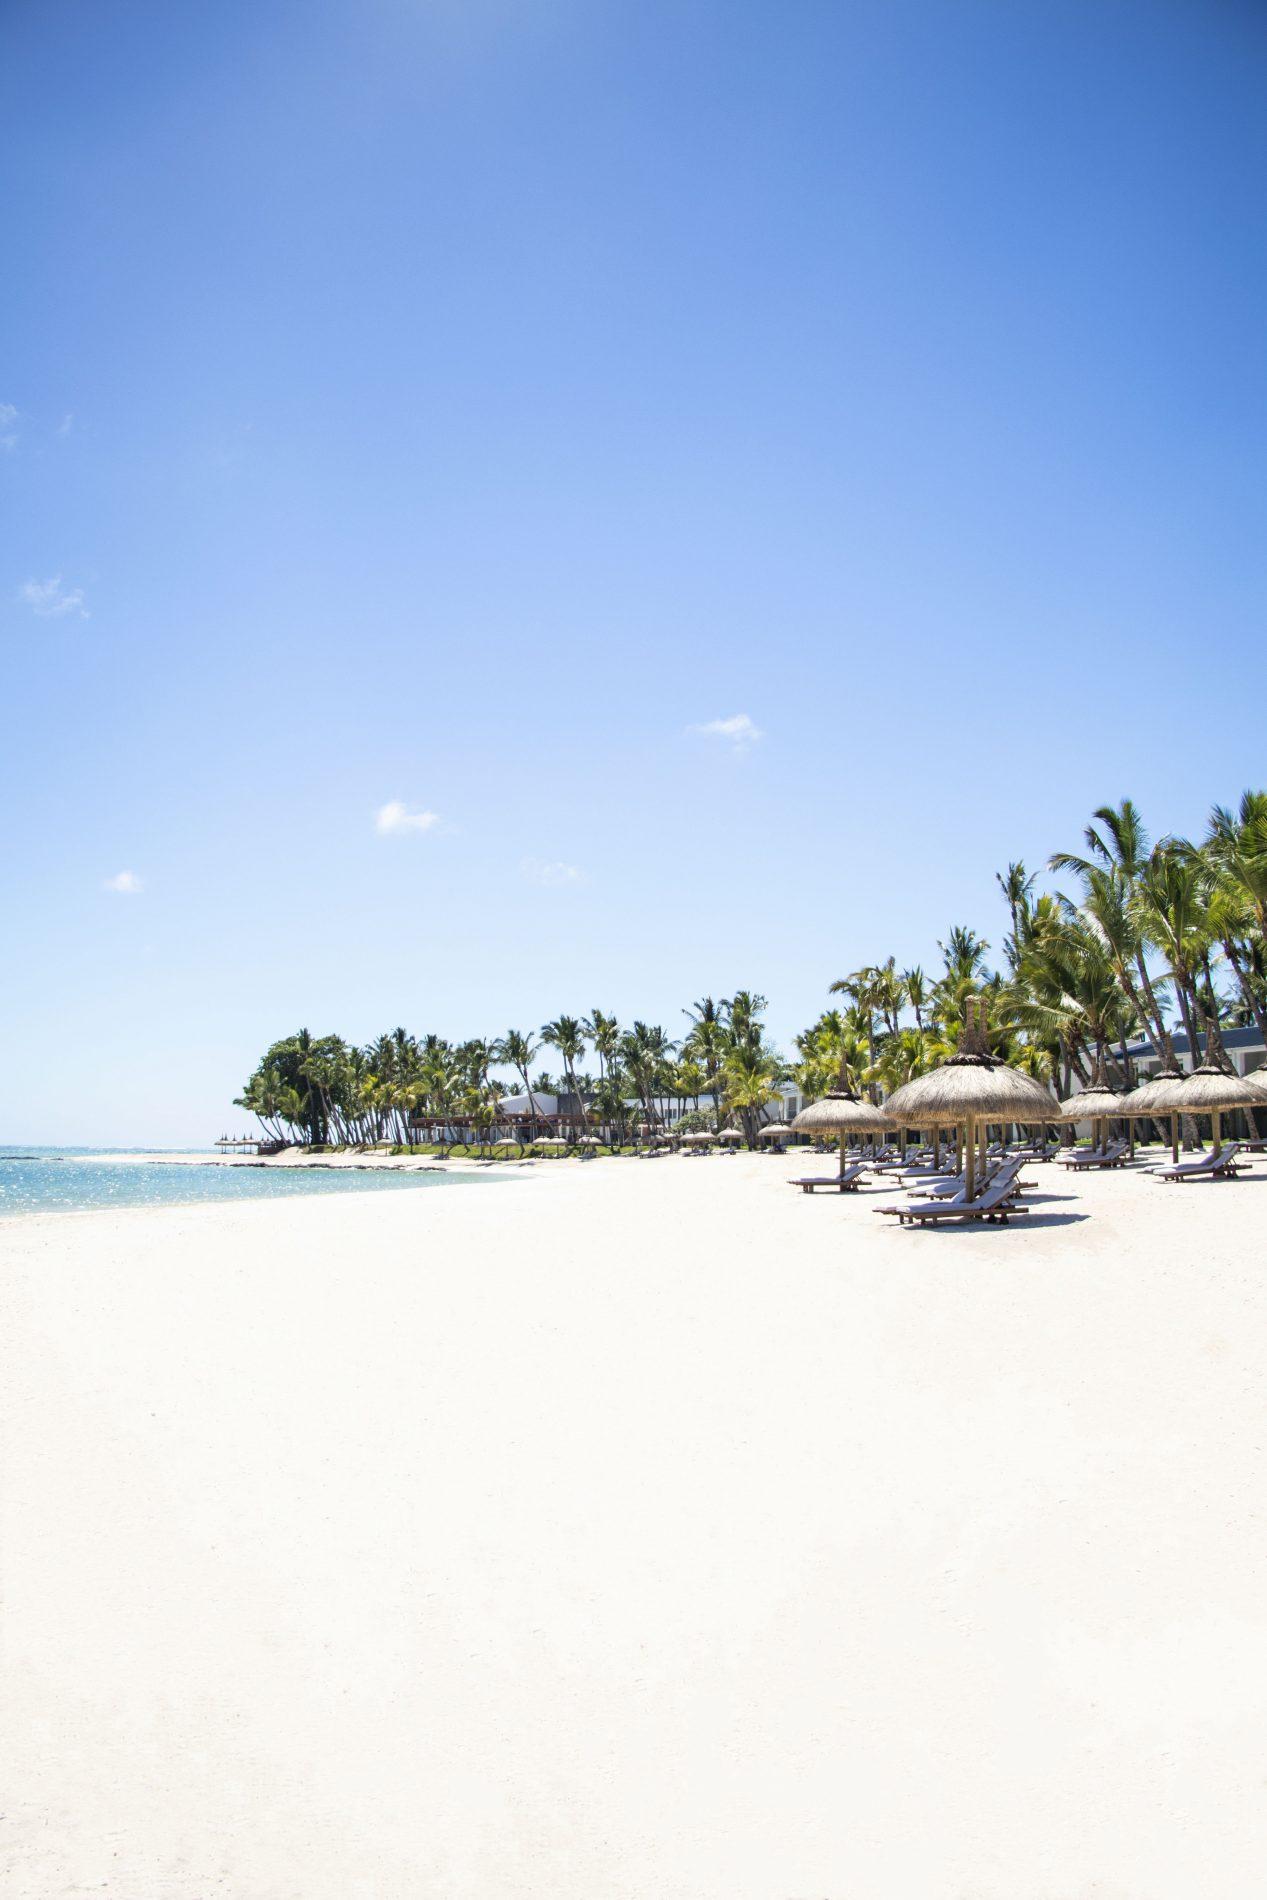 Cenário paradisíaco do litoral do One & Only, nas Ilhas Maurício